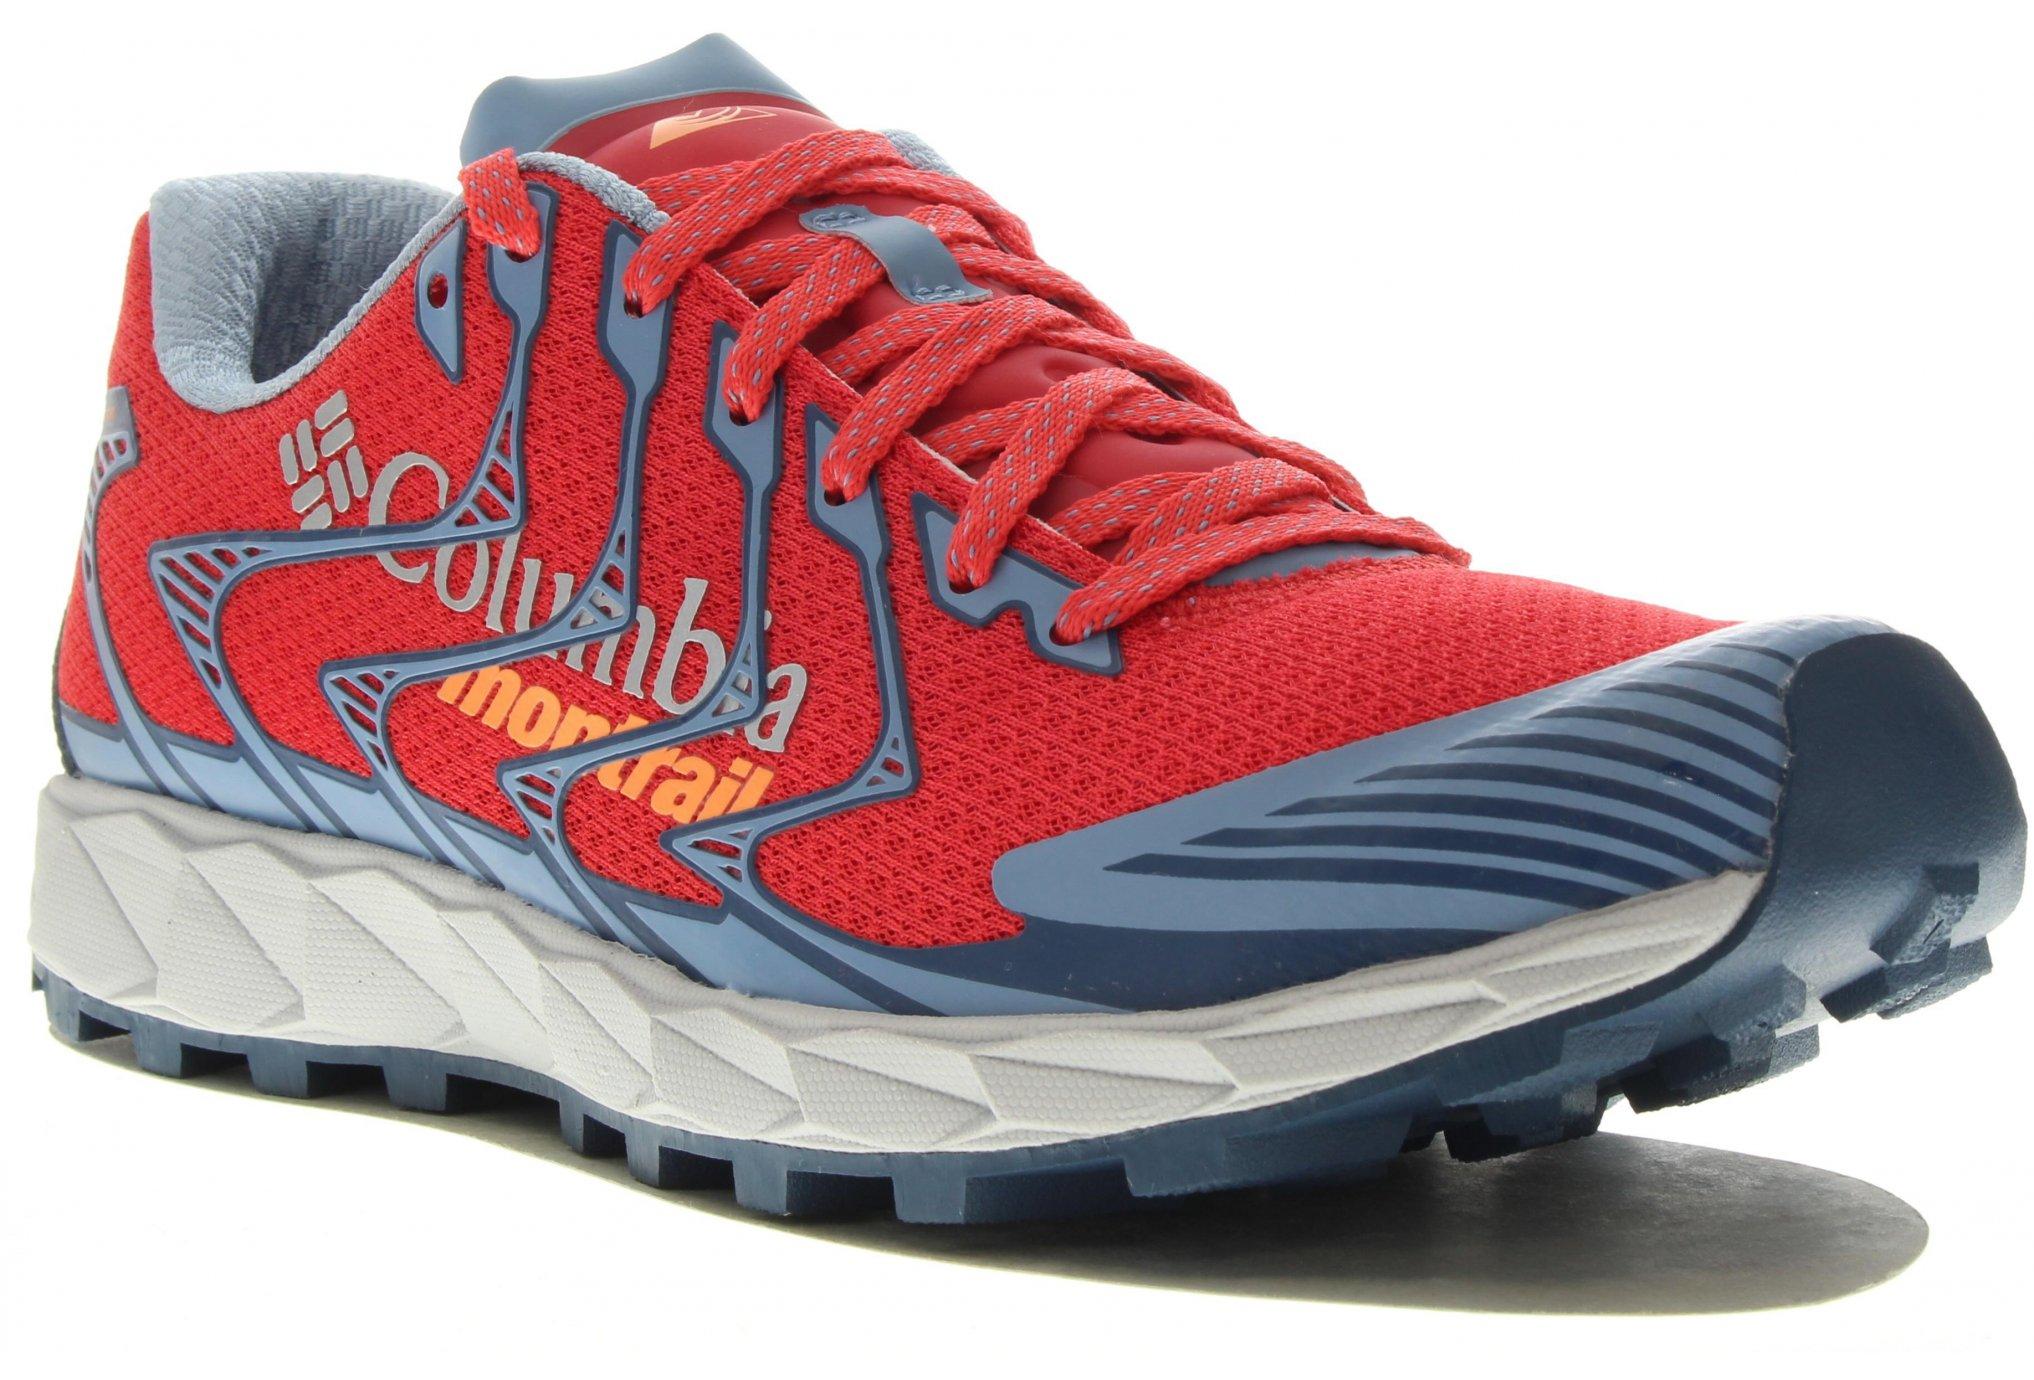 Columbia Montrail Rogue F.K.T. II W Diététique Chaussures femme